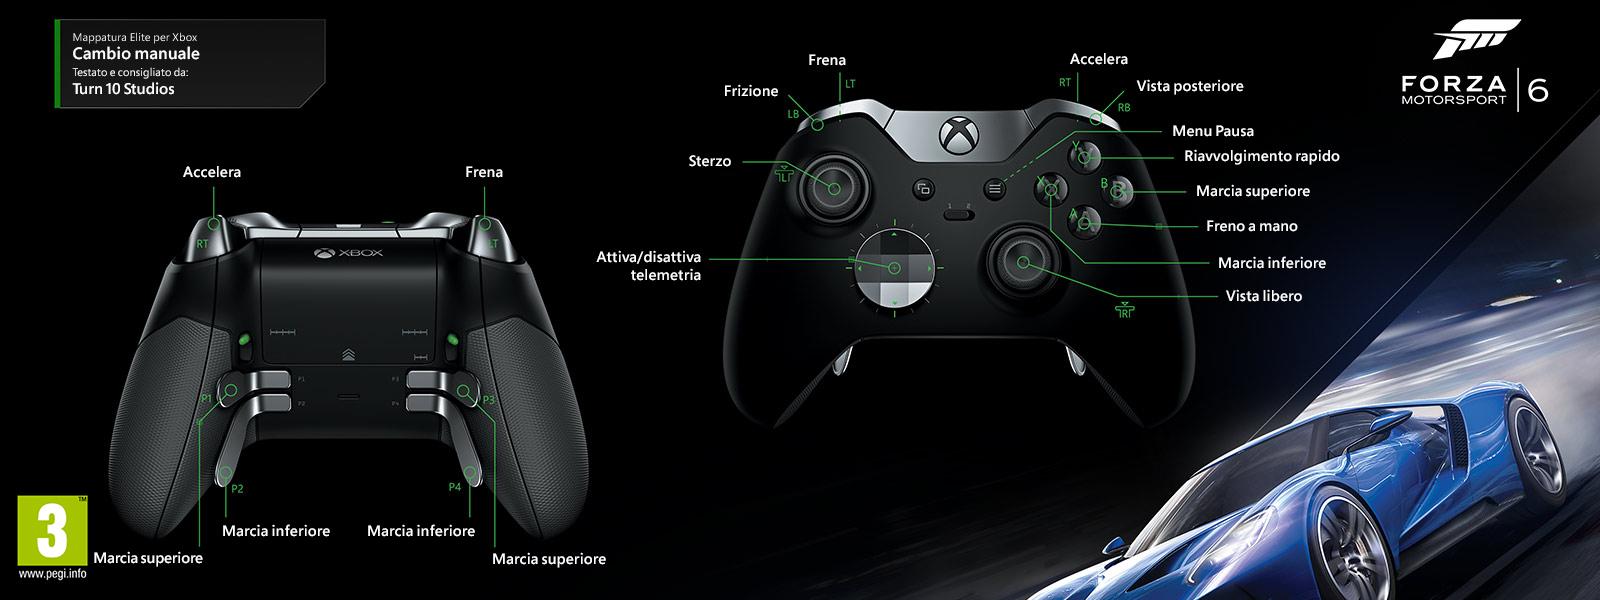 Forza Motorsport 6 – Mappatura Elite per il cambio manuale